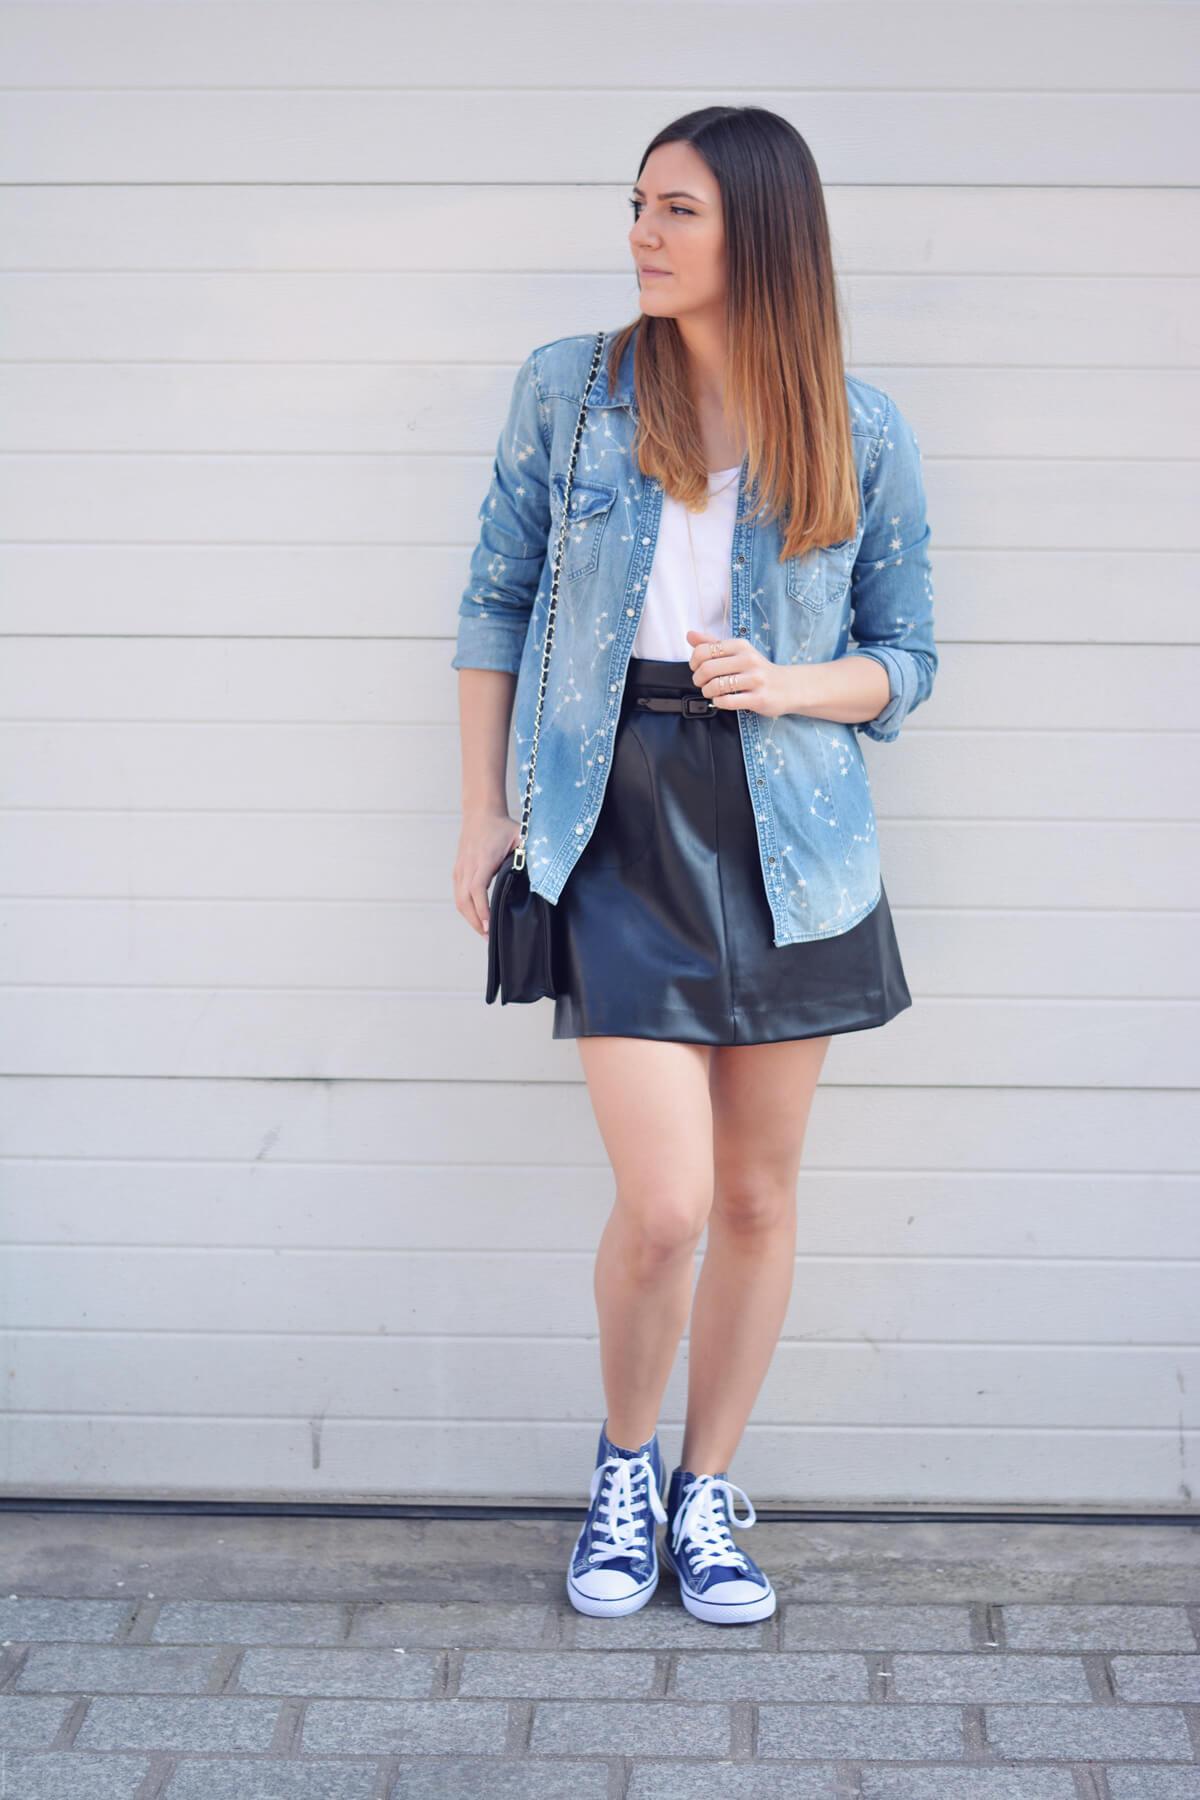 comment porter la jupe en simili blogueuse mode paris les caprices d iris